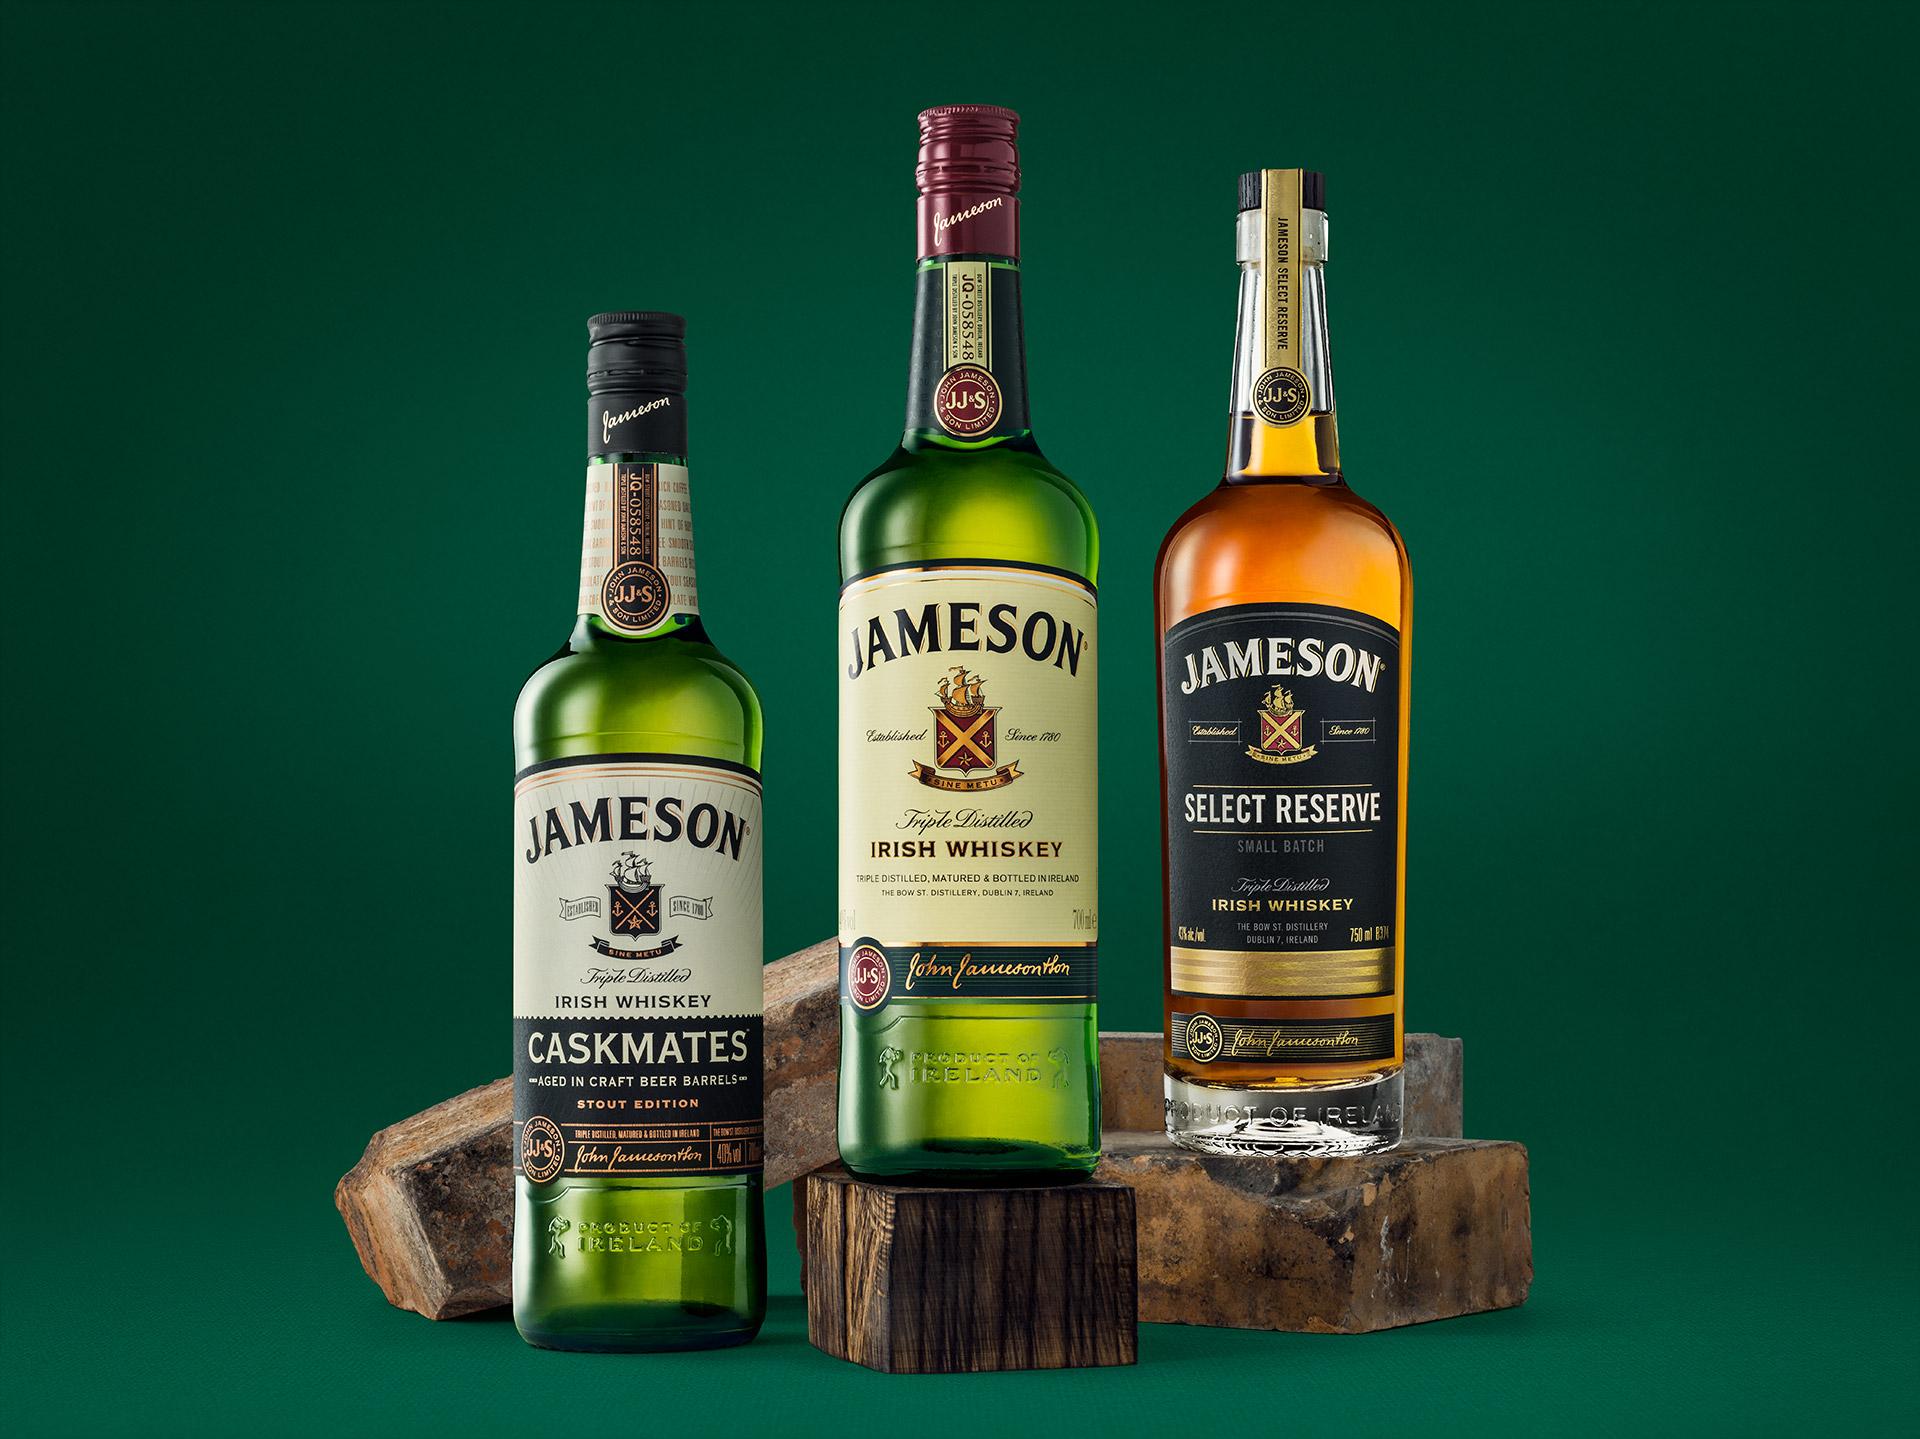 jameson_corporate_family_SA_green_WEB.jpg